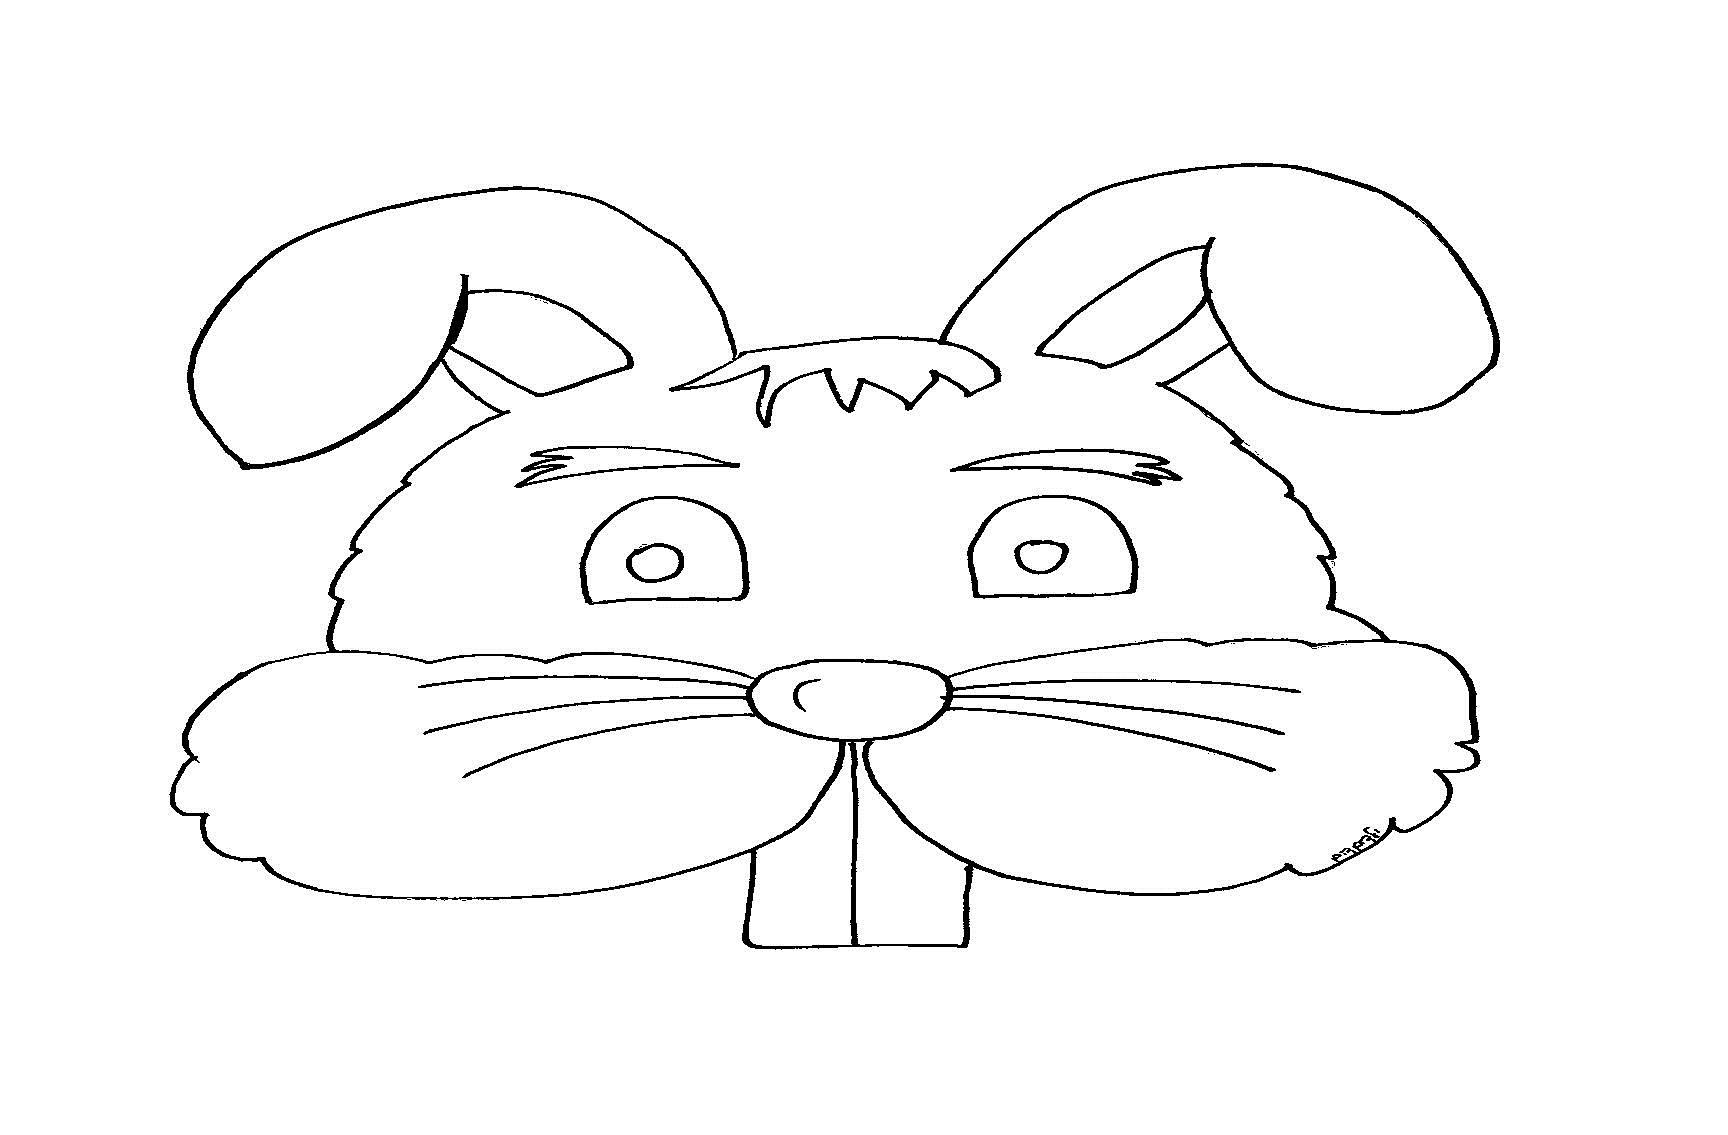 דף צביעה ארנבים